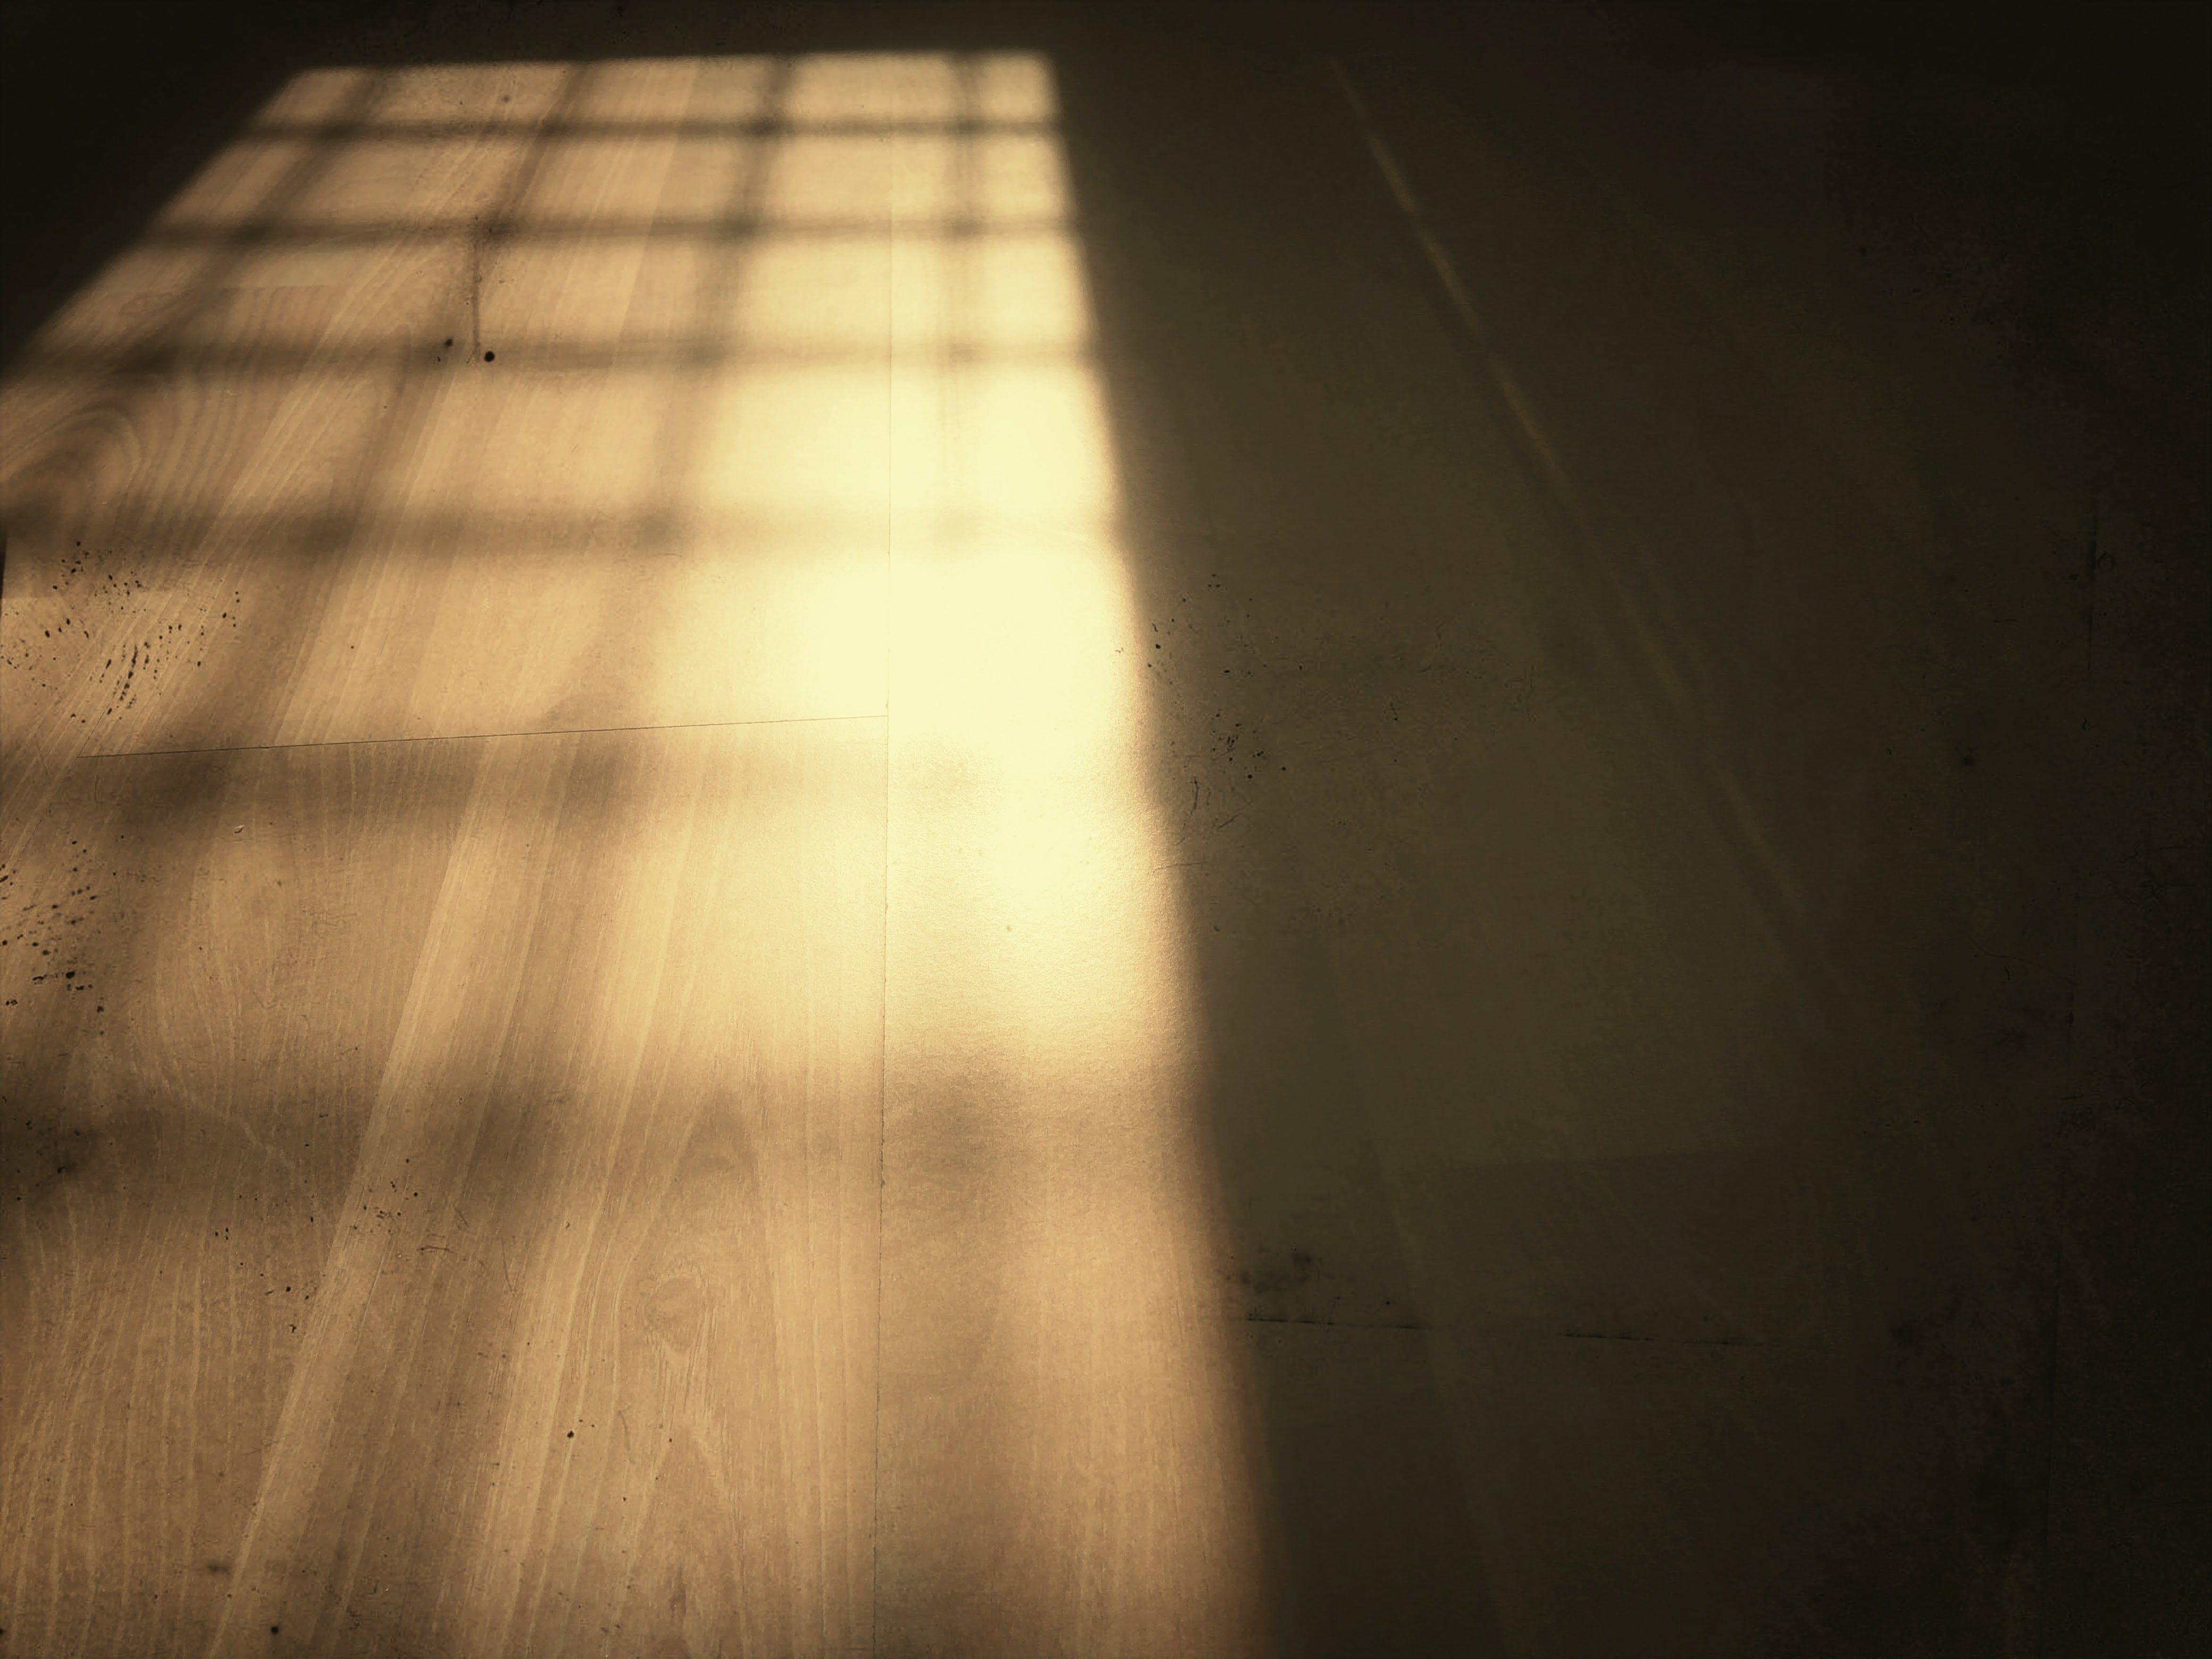 floor, shadow, softwood